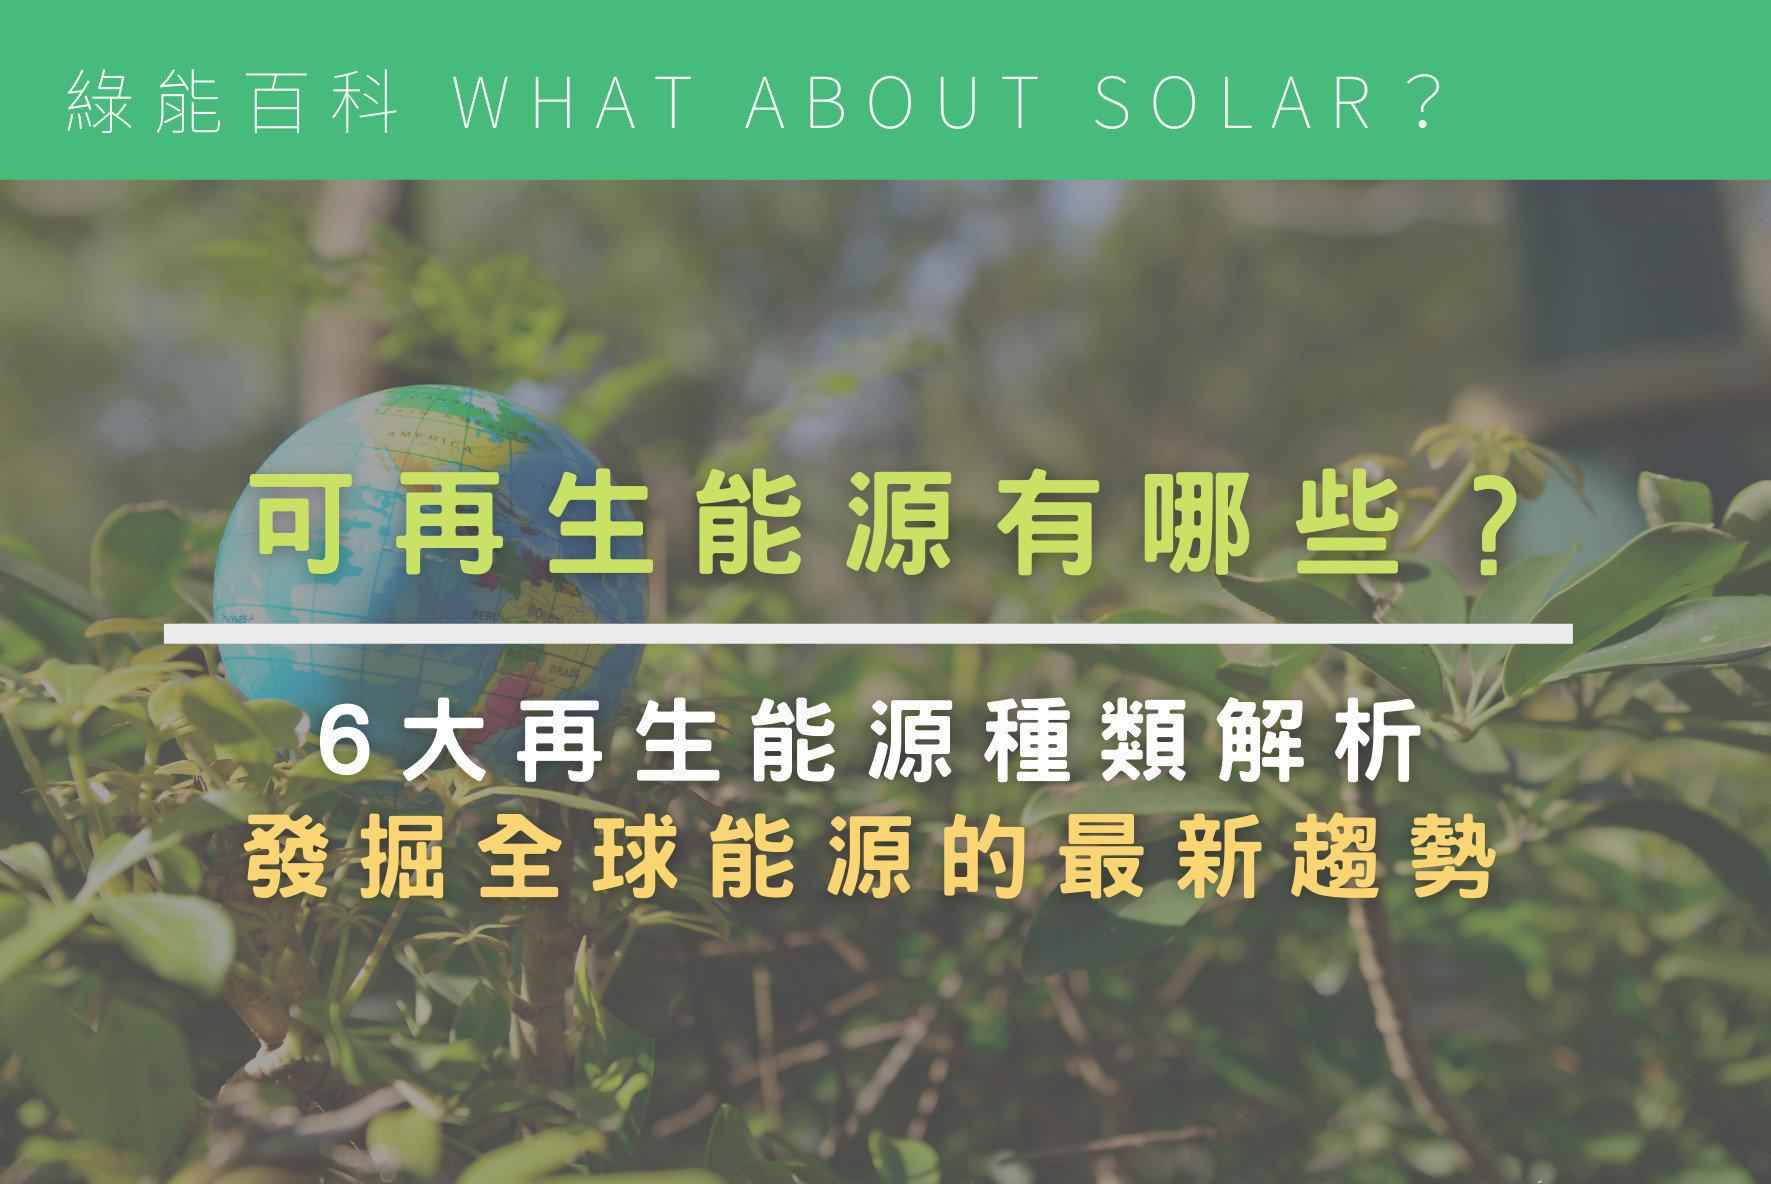 可再生能源有哪些?6大再生能源種類解析,發掘全球能源的最新趨勢